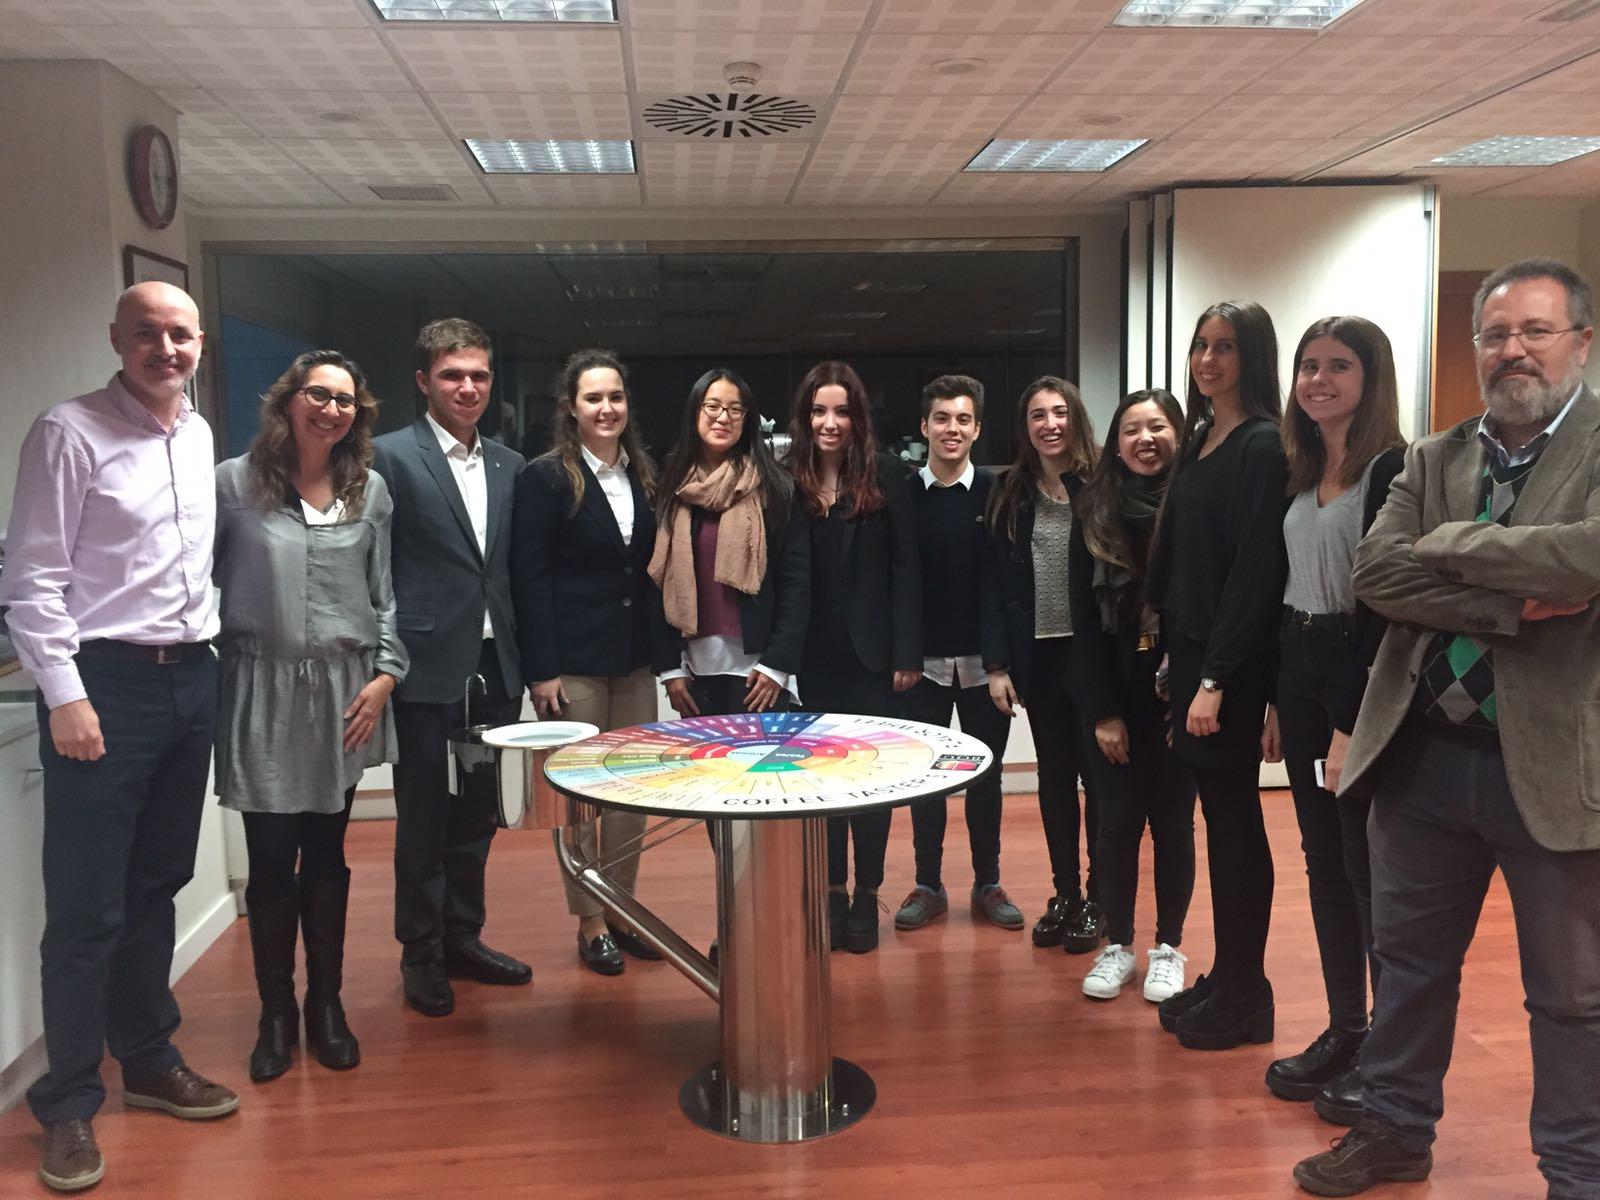 Visita estudiantes de la Facultad de Turismo y Dirección Hotelera a BOU Café